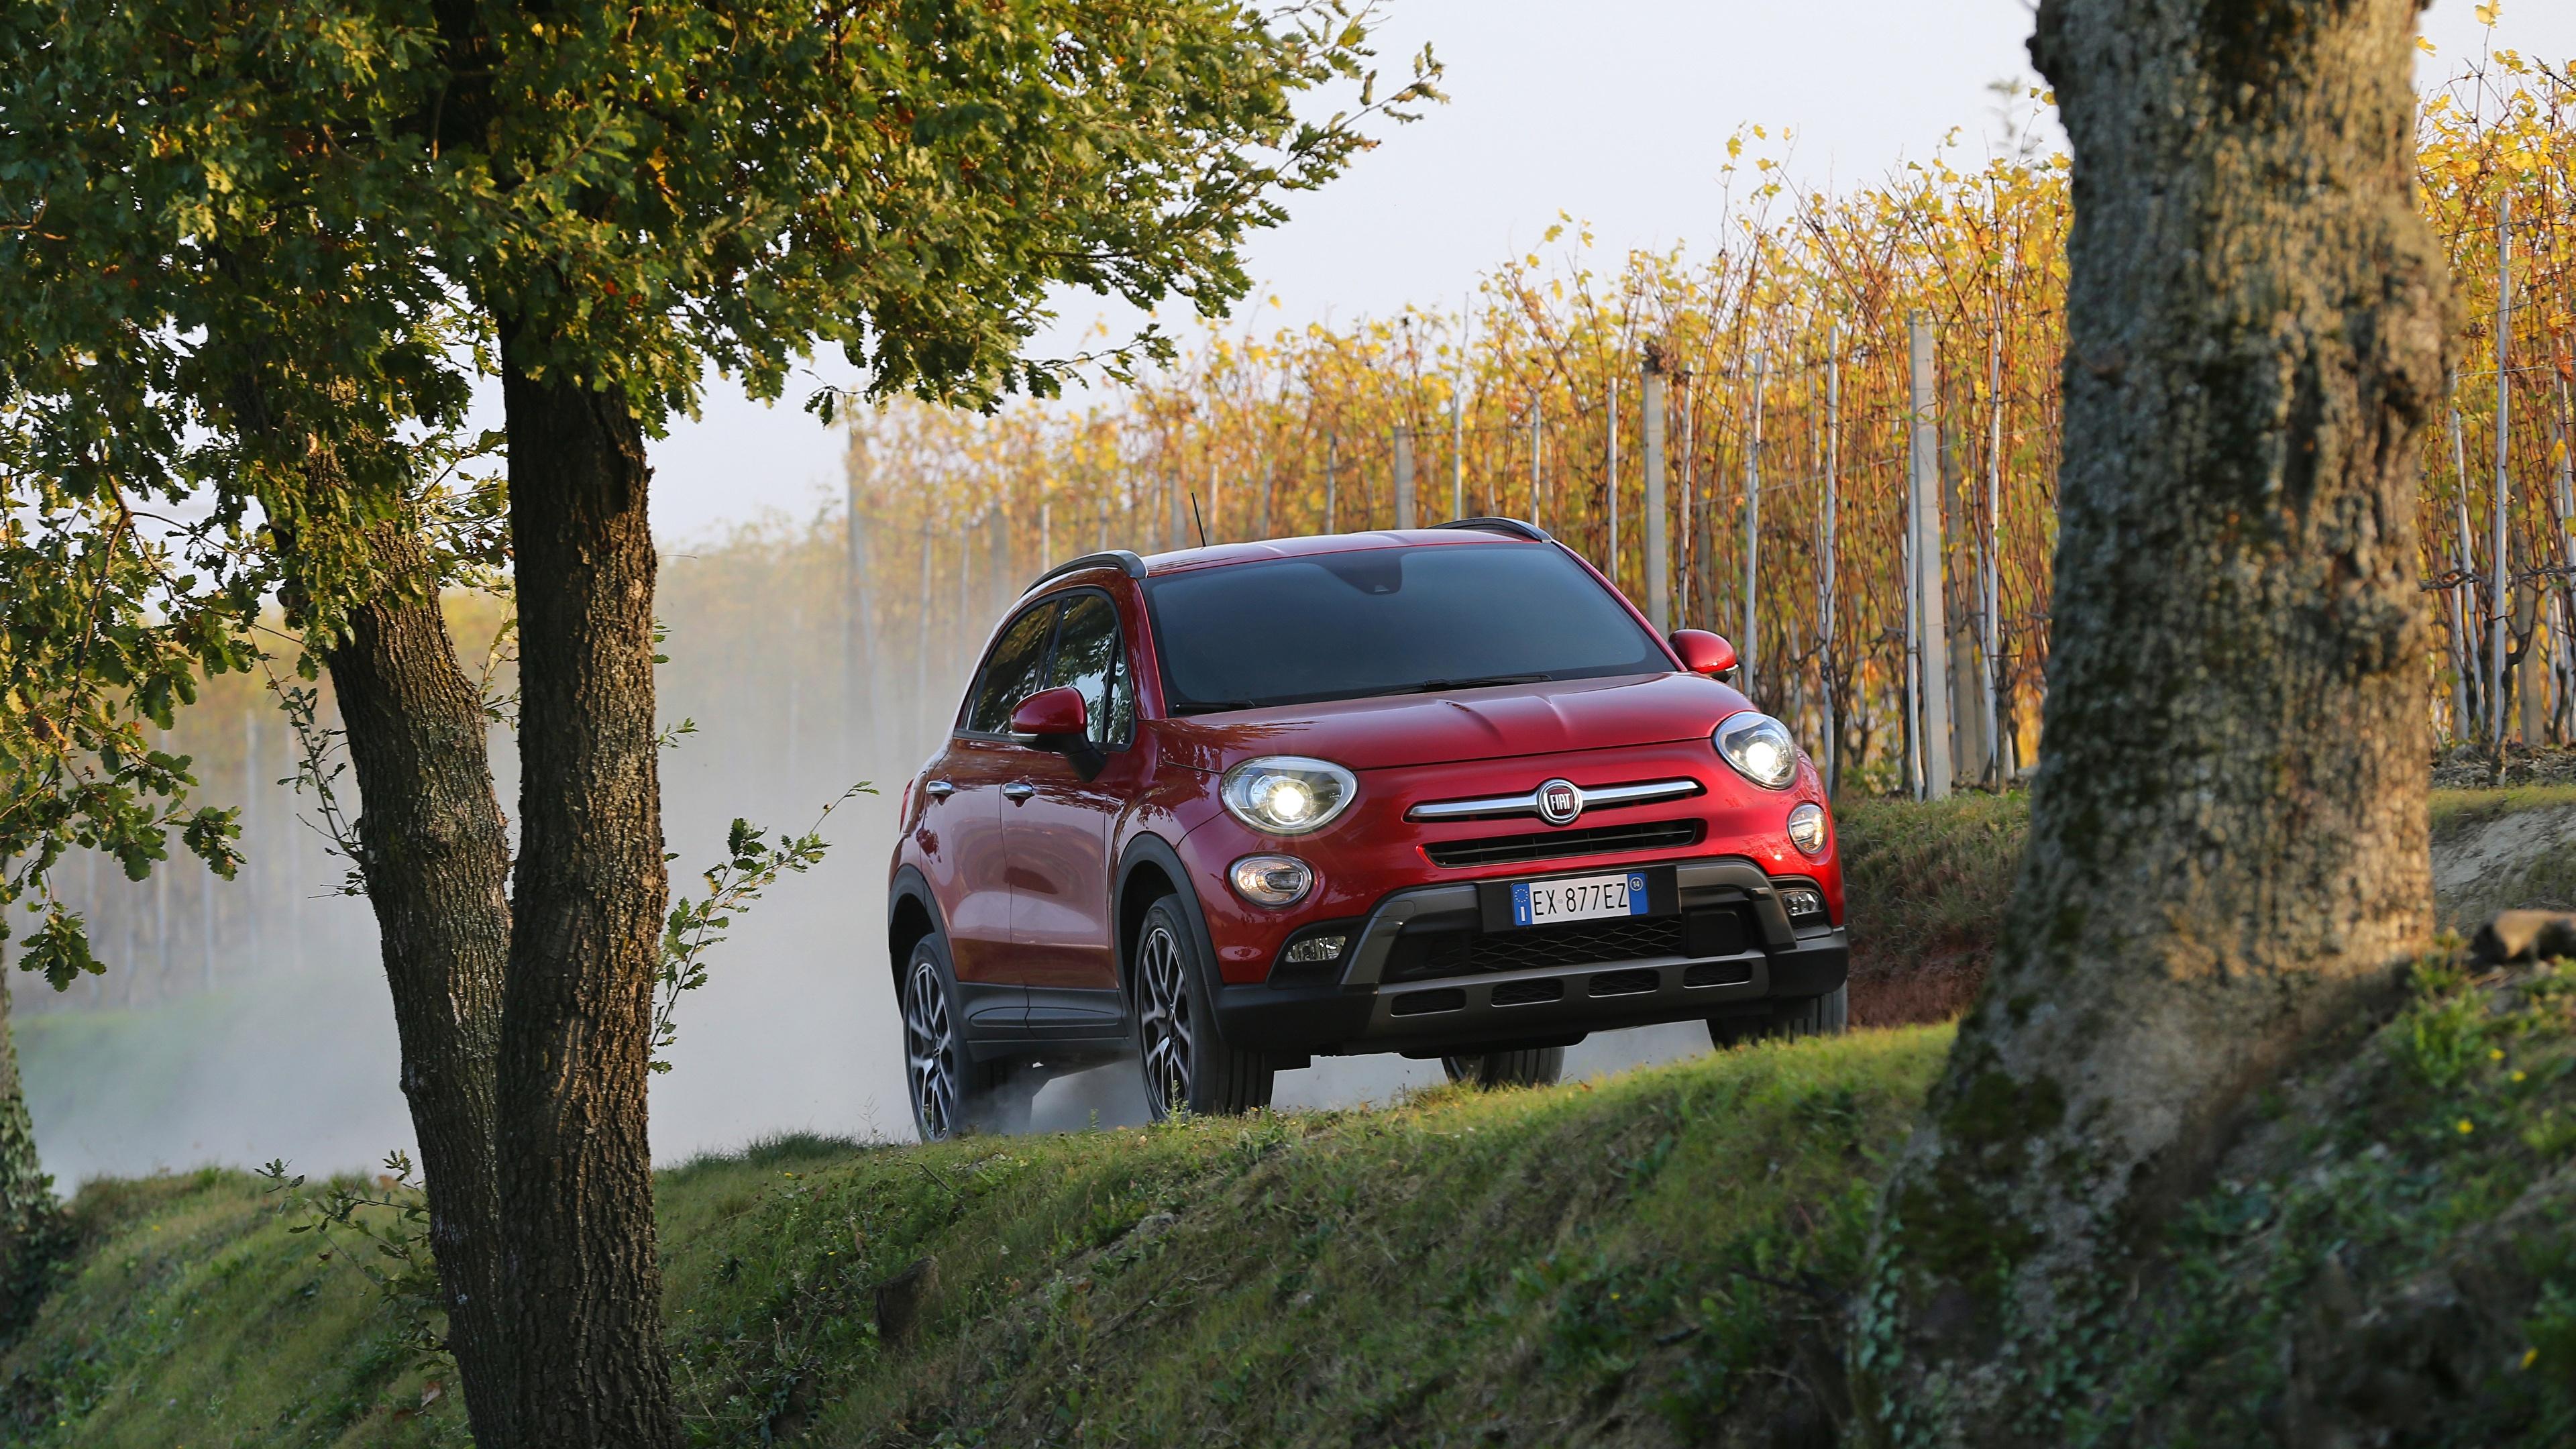 3840x2160 Fiat 500X, Cross, 2015 Rojo Crossover Frente autos, automóvil, automóviles, el carro Coches